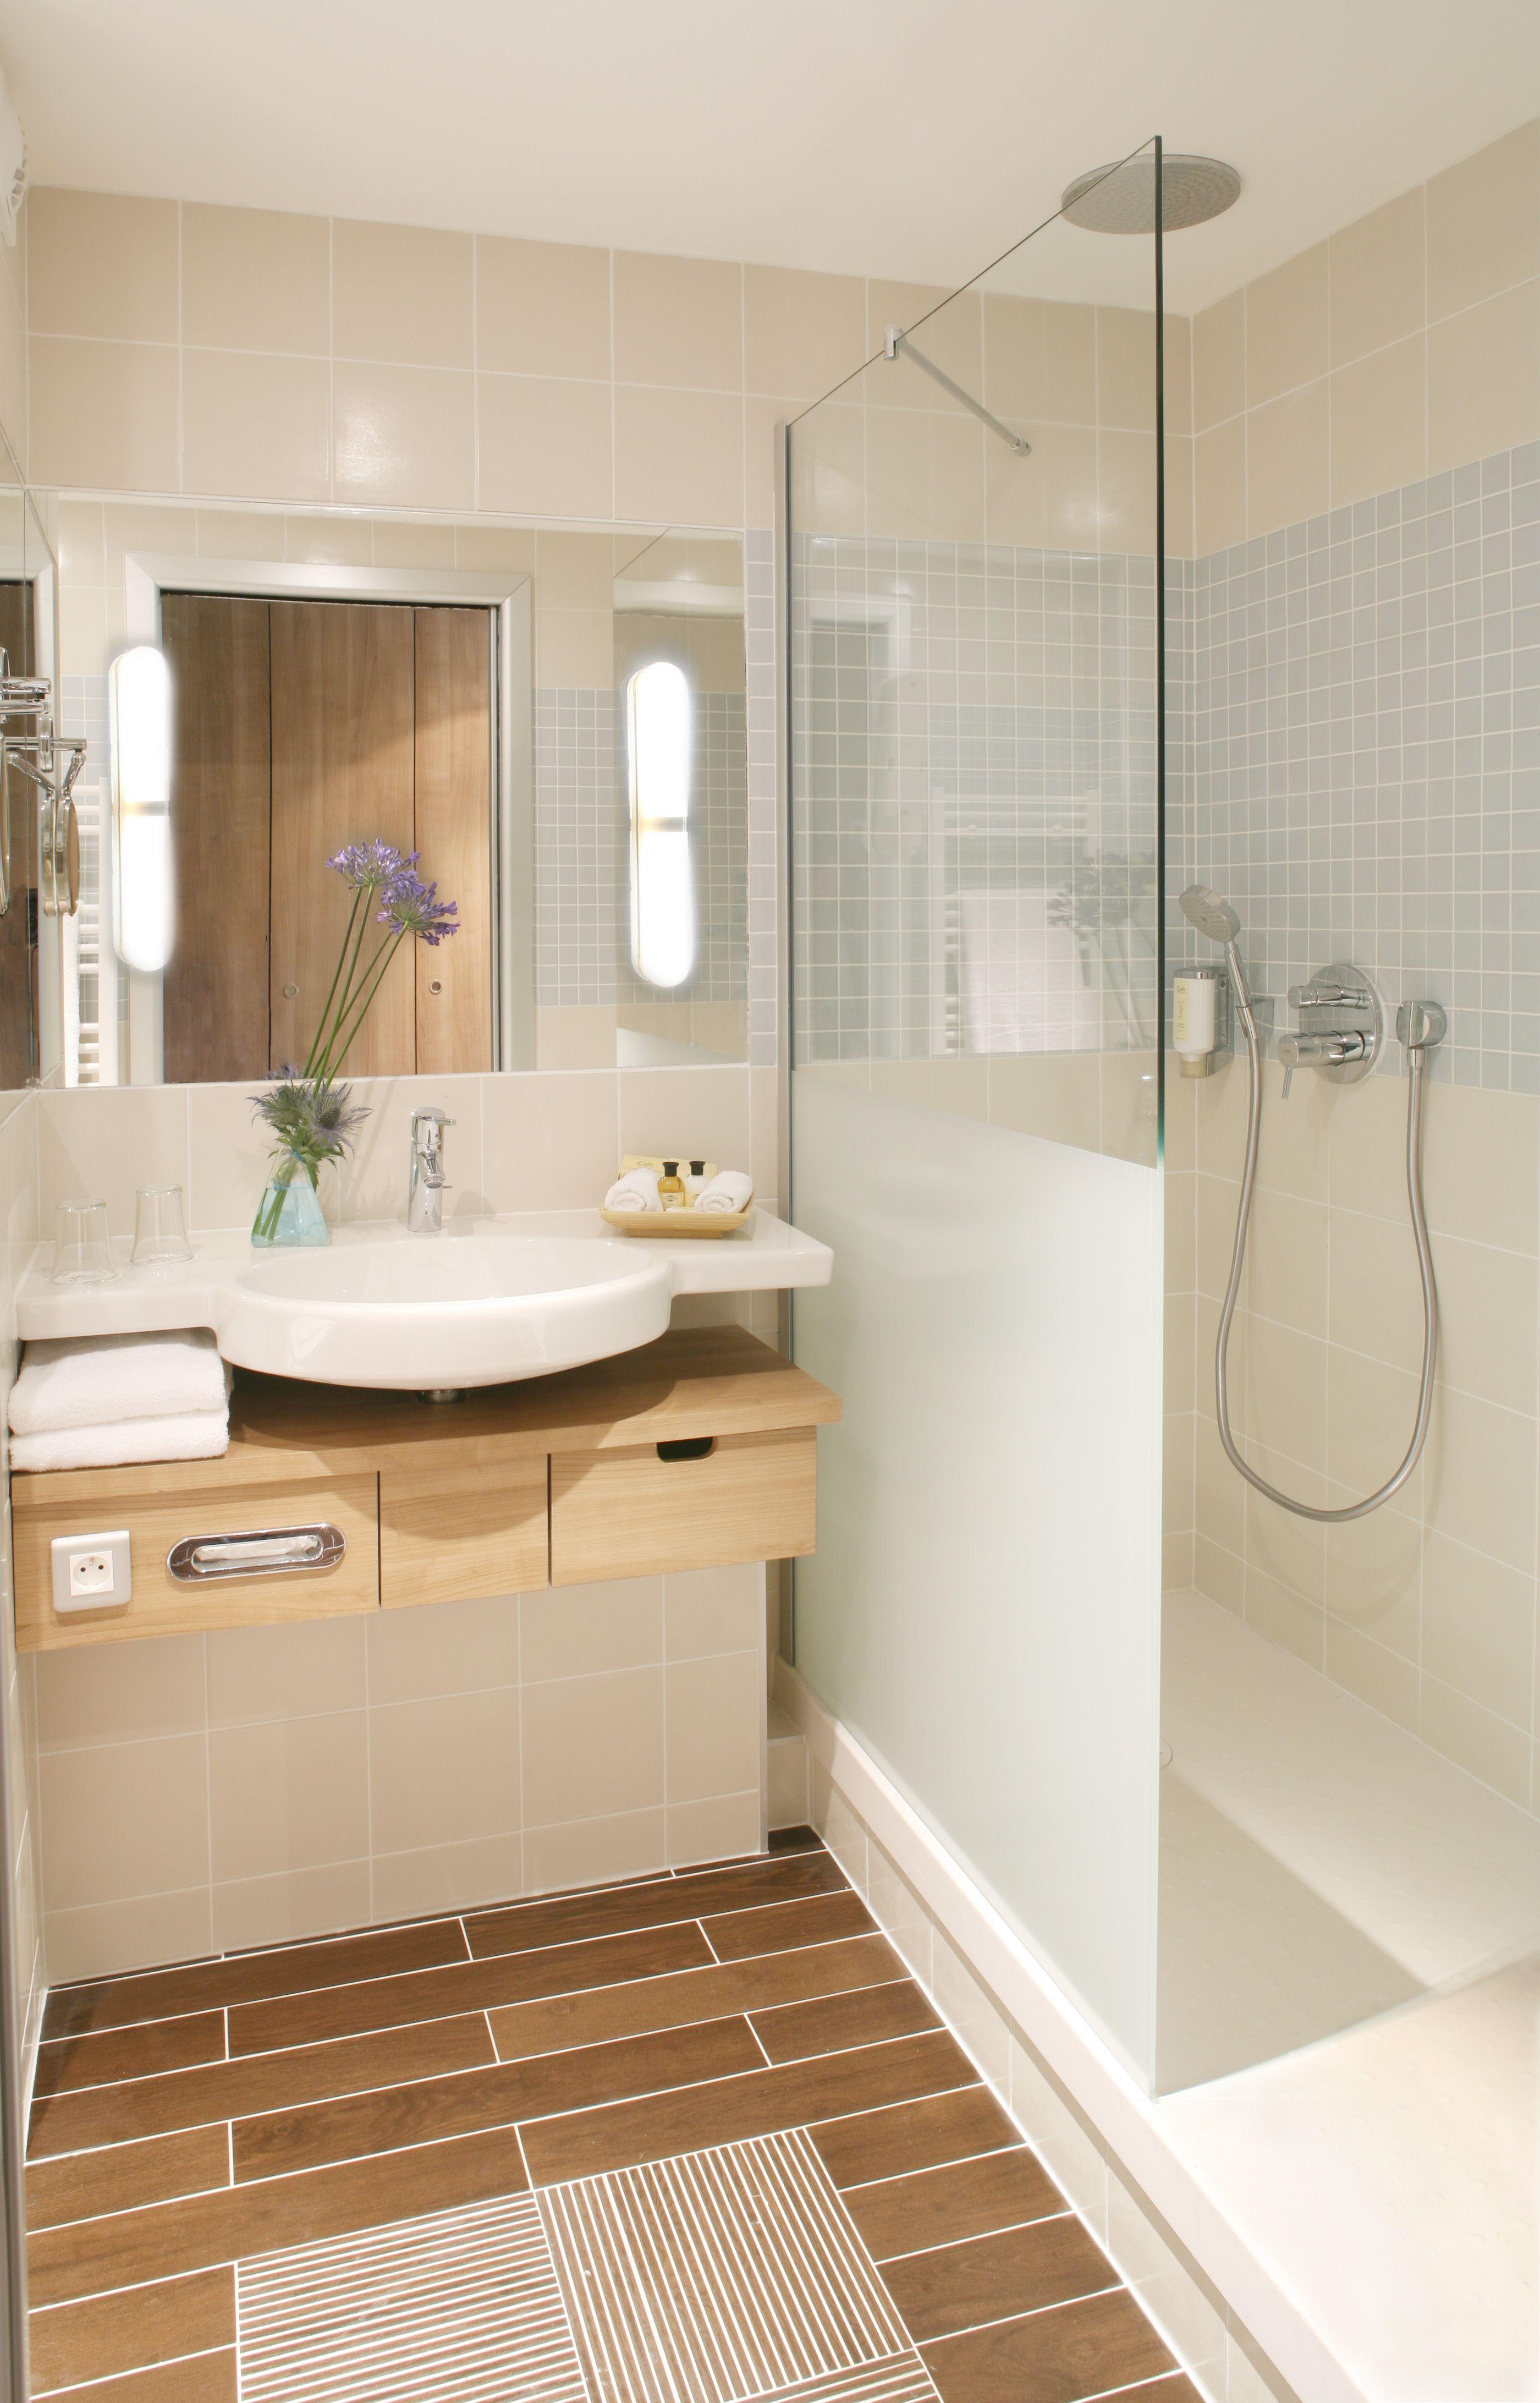 dolce chantilly salle de bain habill s de nos confortables peignoirs vous d buterez votre. Black Bedroom Furniture Sets. Home Design Ideas